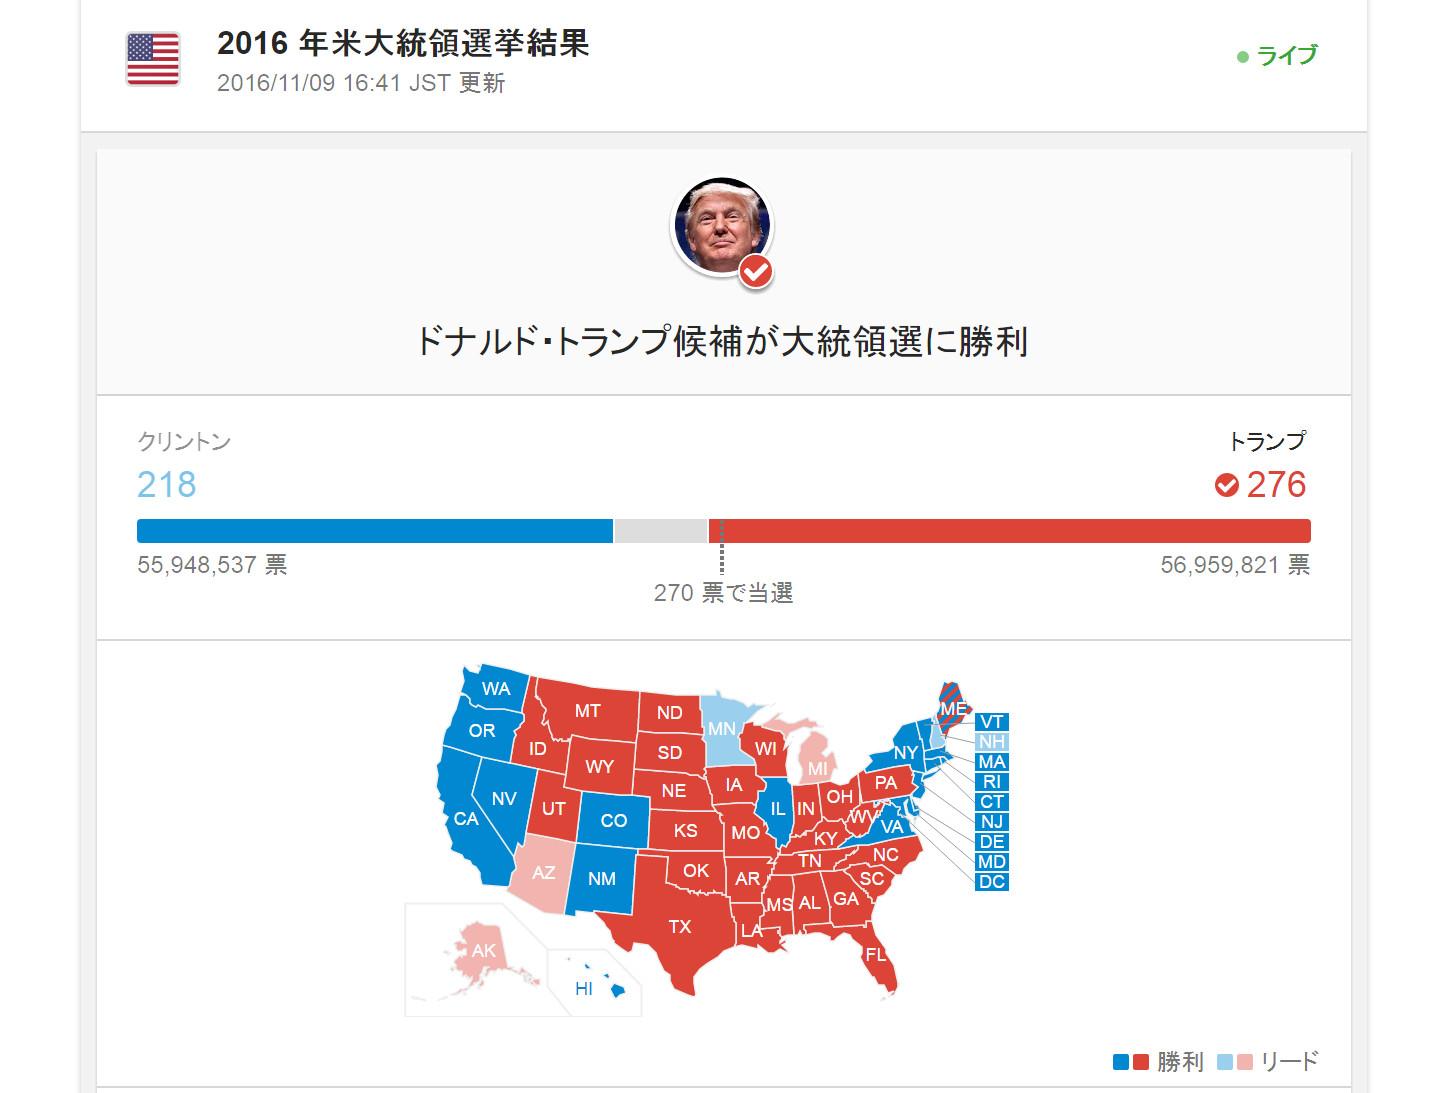 「ヒラリーVSトランプ トランプ勝利 米国大統領選挙」の画像検索結果